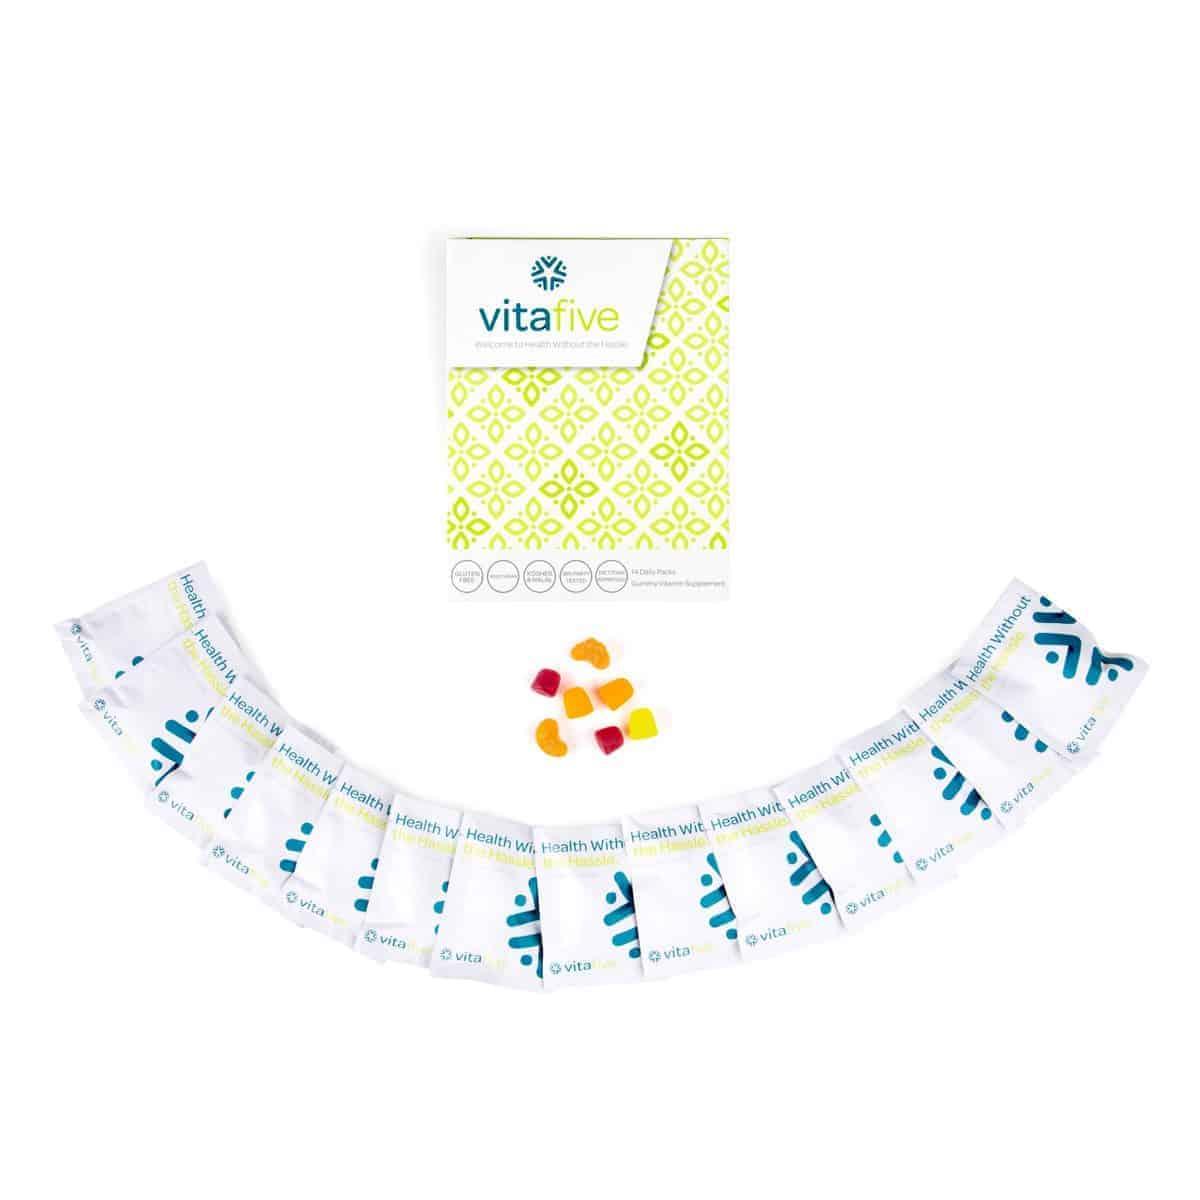 Vitafive